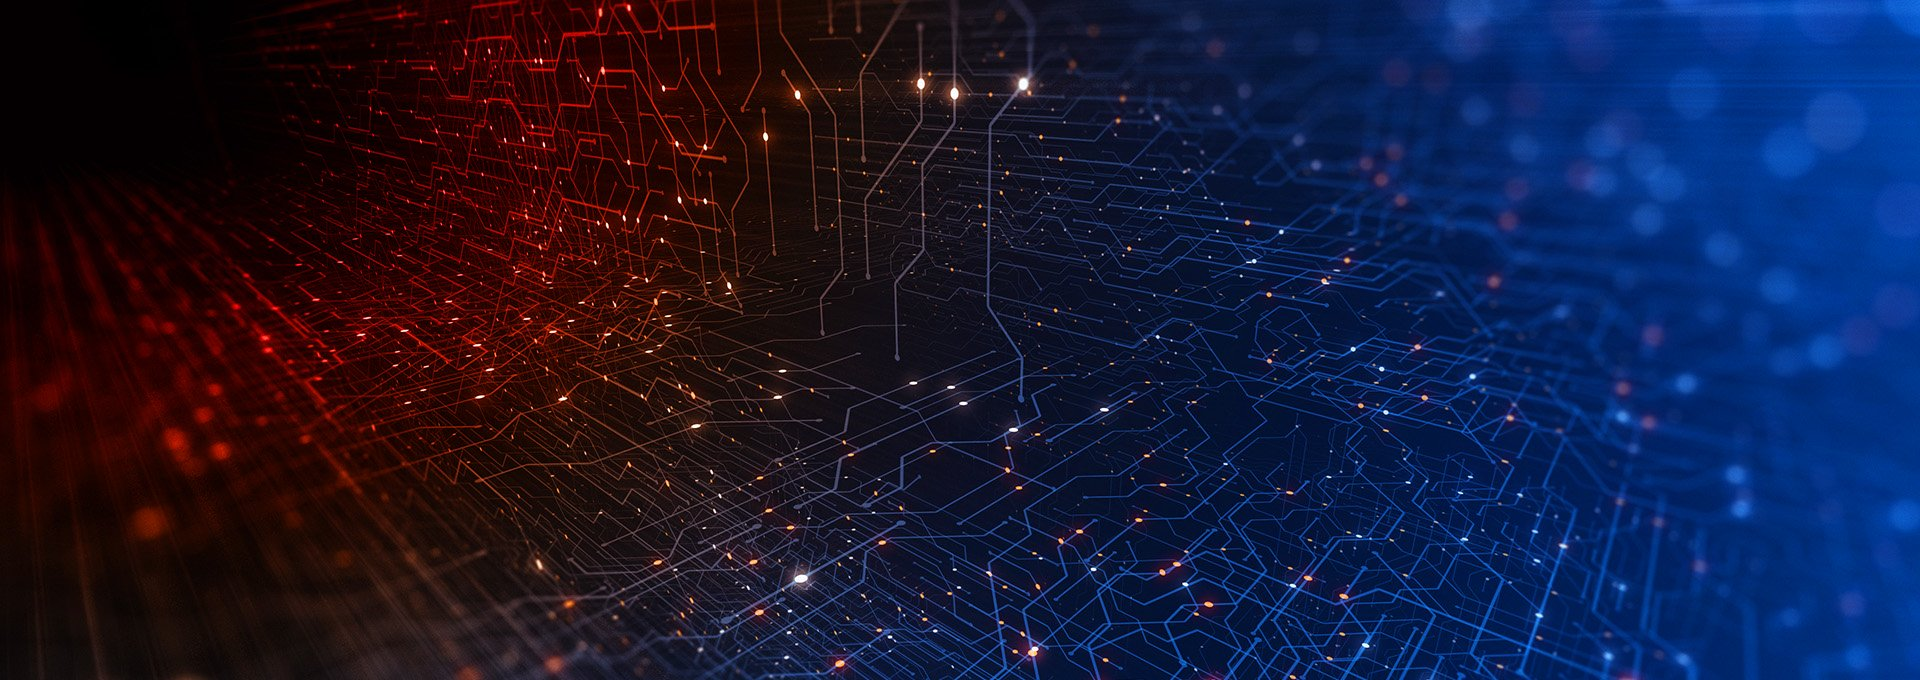 Ein aus Punkten verbundenes Netzwerk in rot und blau erleuchtet, das die digitale Welt unserer Oasis Next Anpasssoftware darstellt.